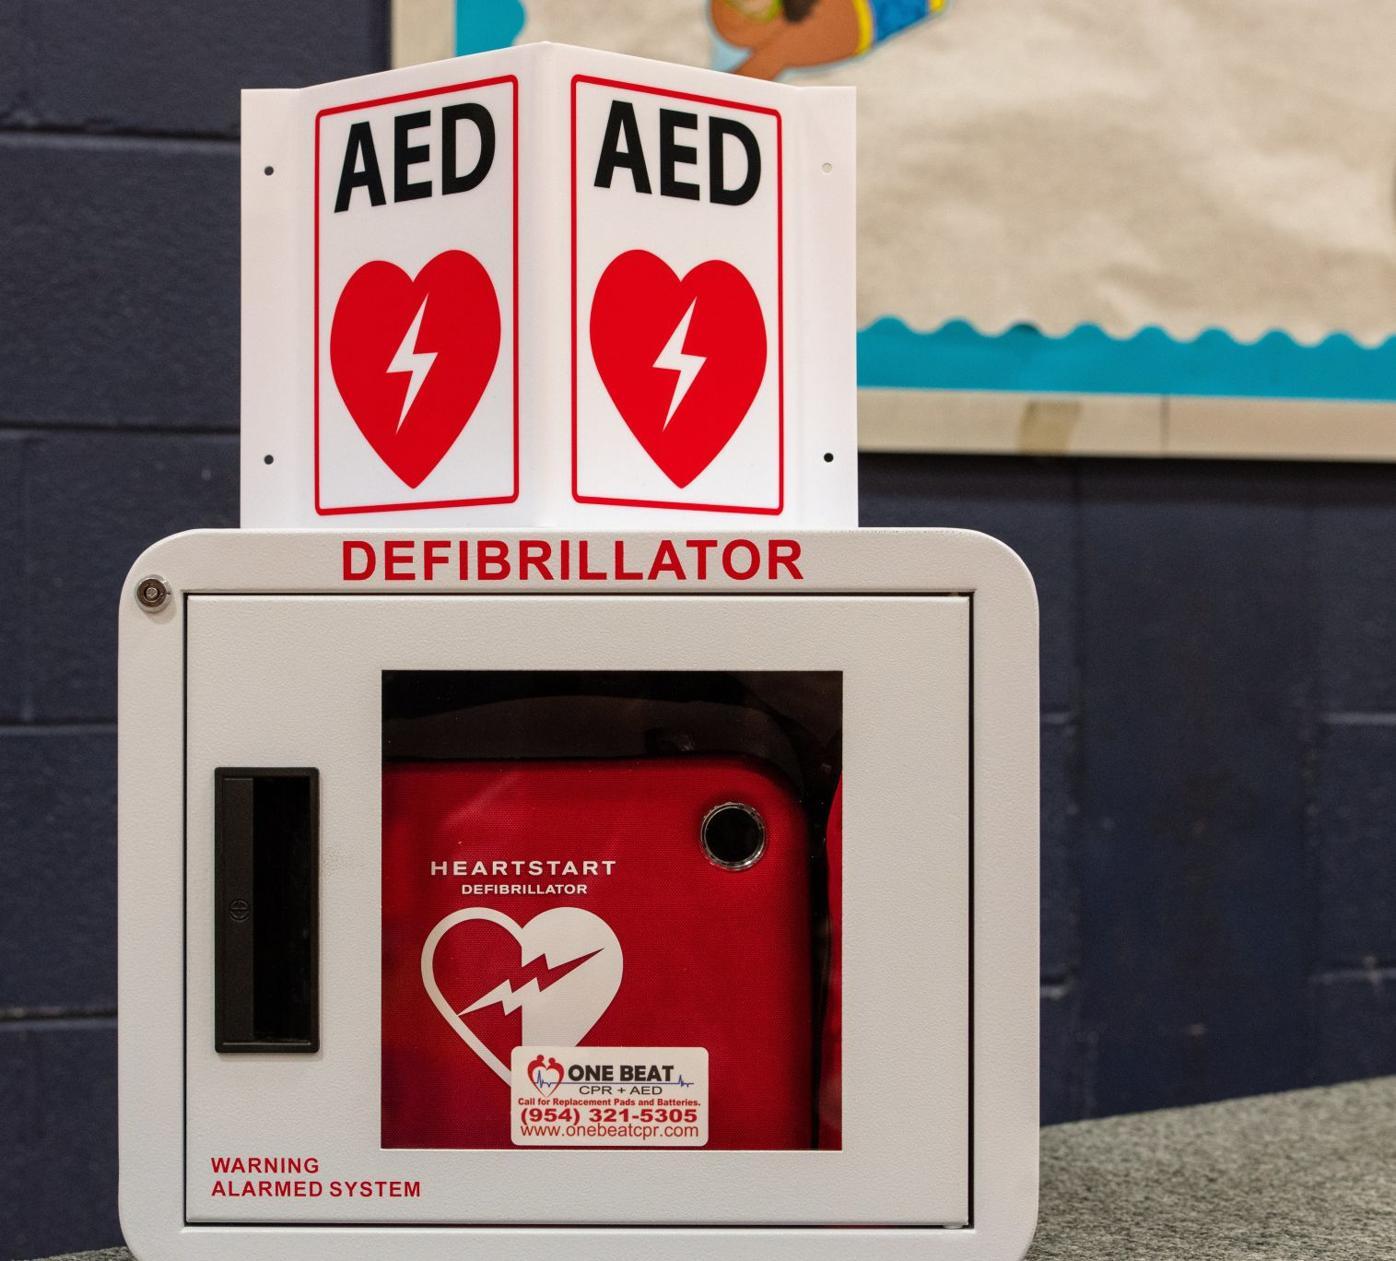 Douglas County schools AED